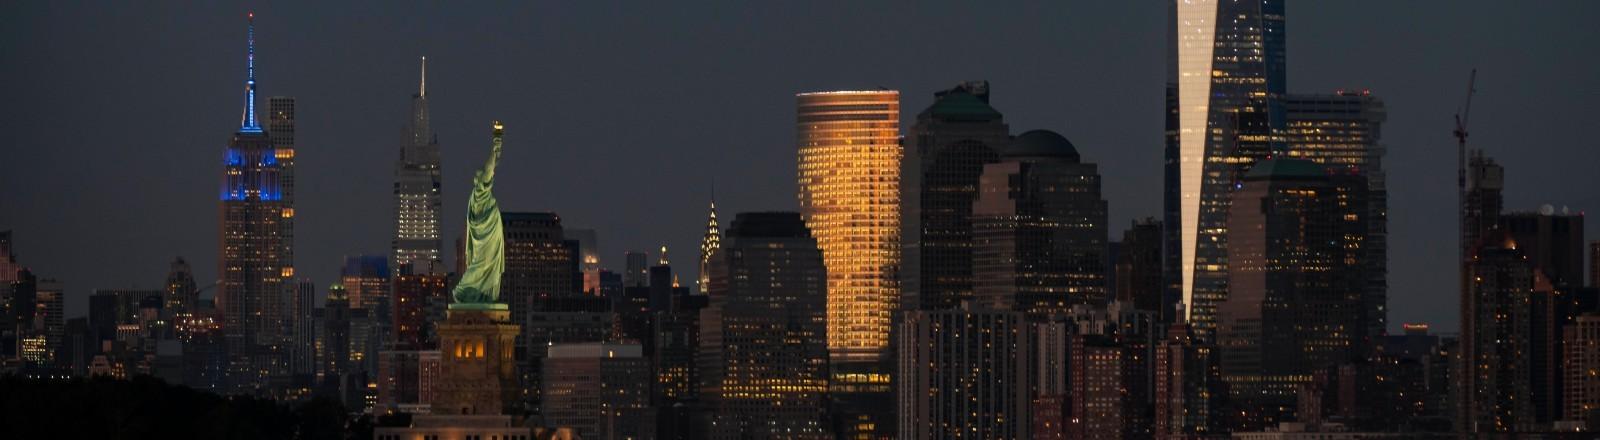 Die Skyline von New York City mit der Freiheitsstatue und dem Gebäude One World Trade Center